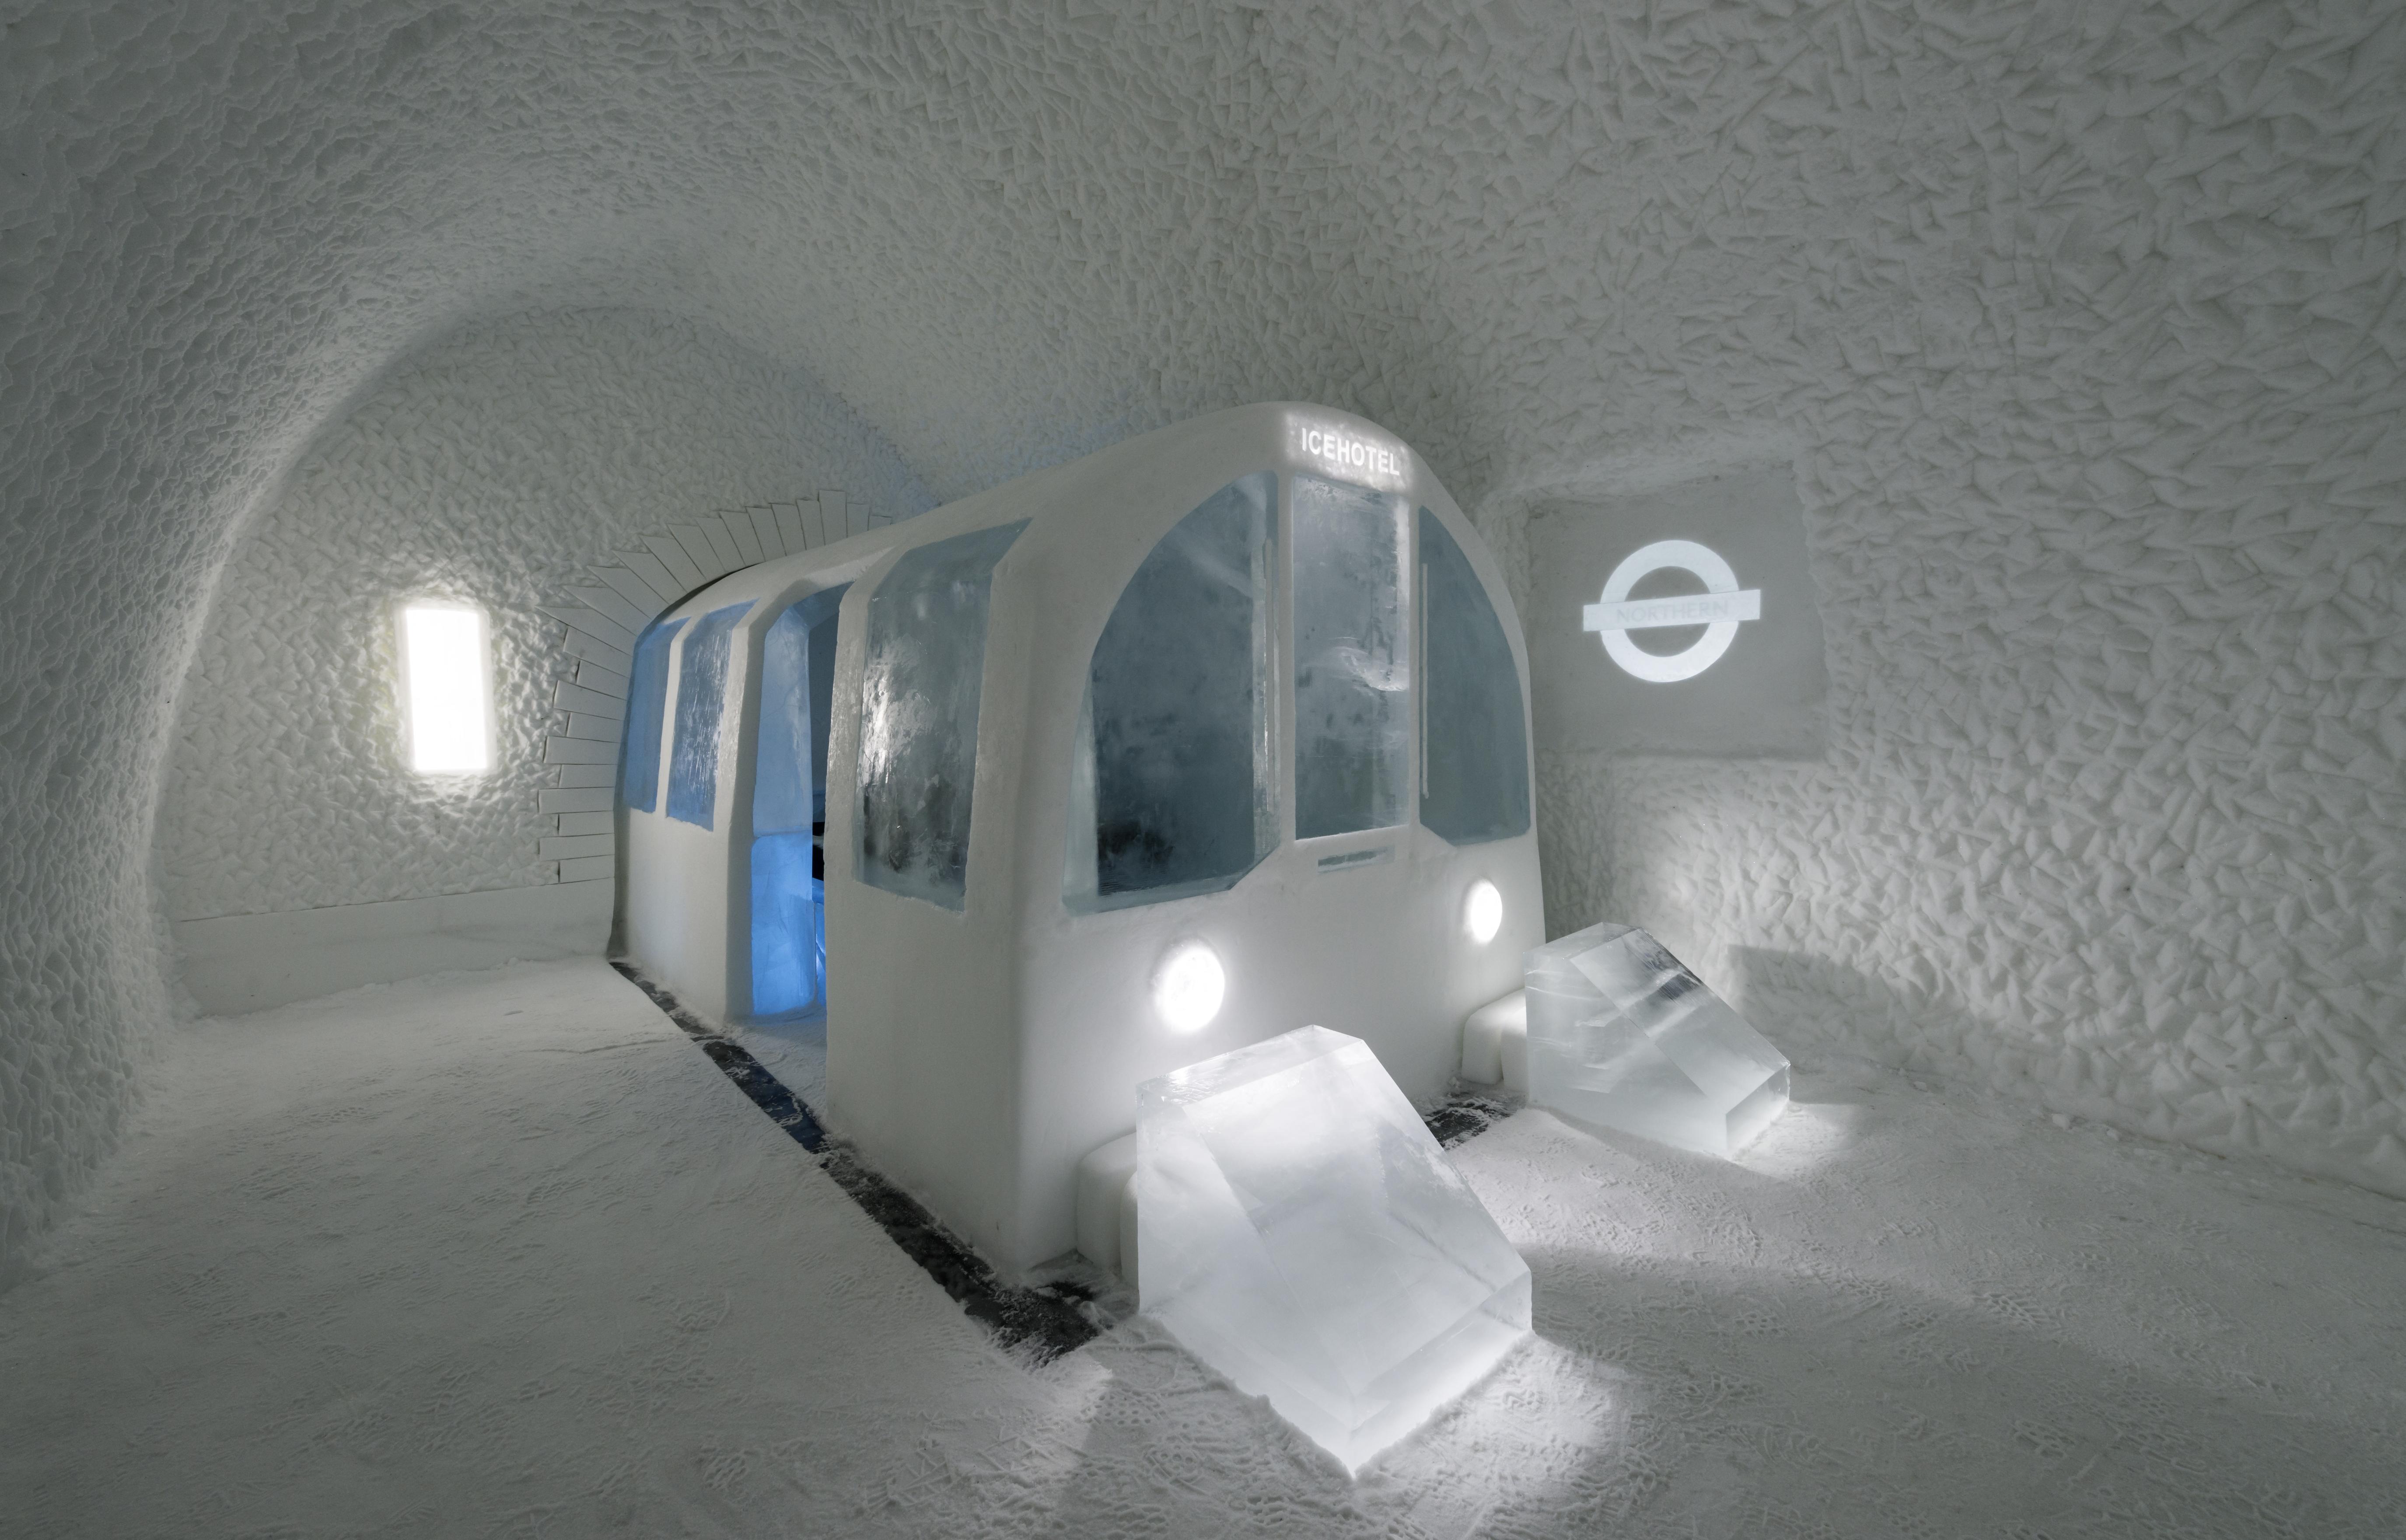 ICEHOTEL - Sweden